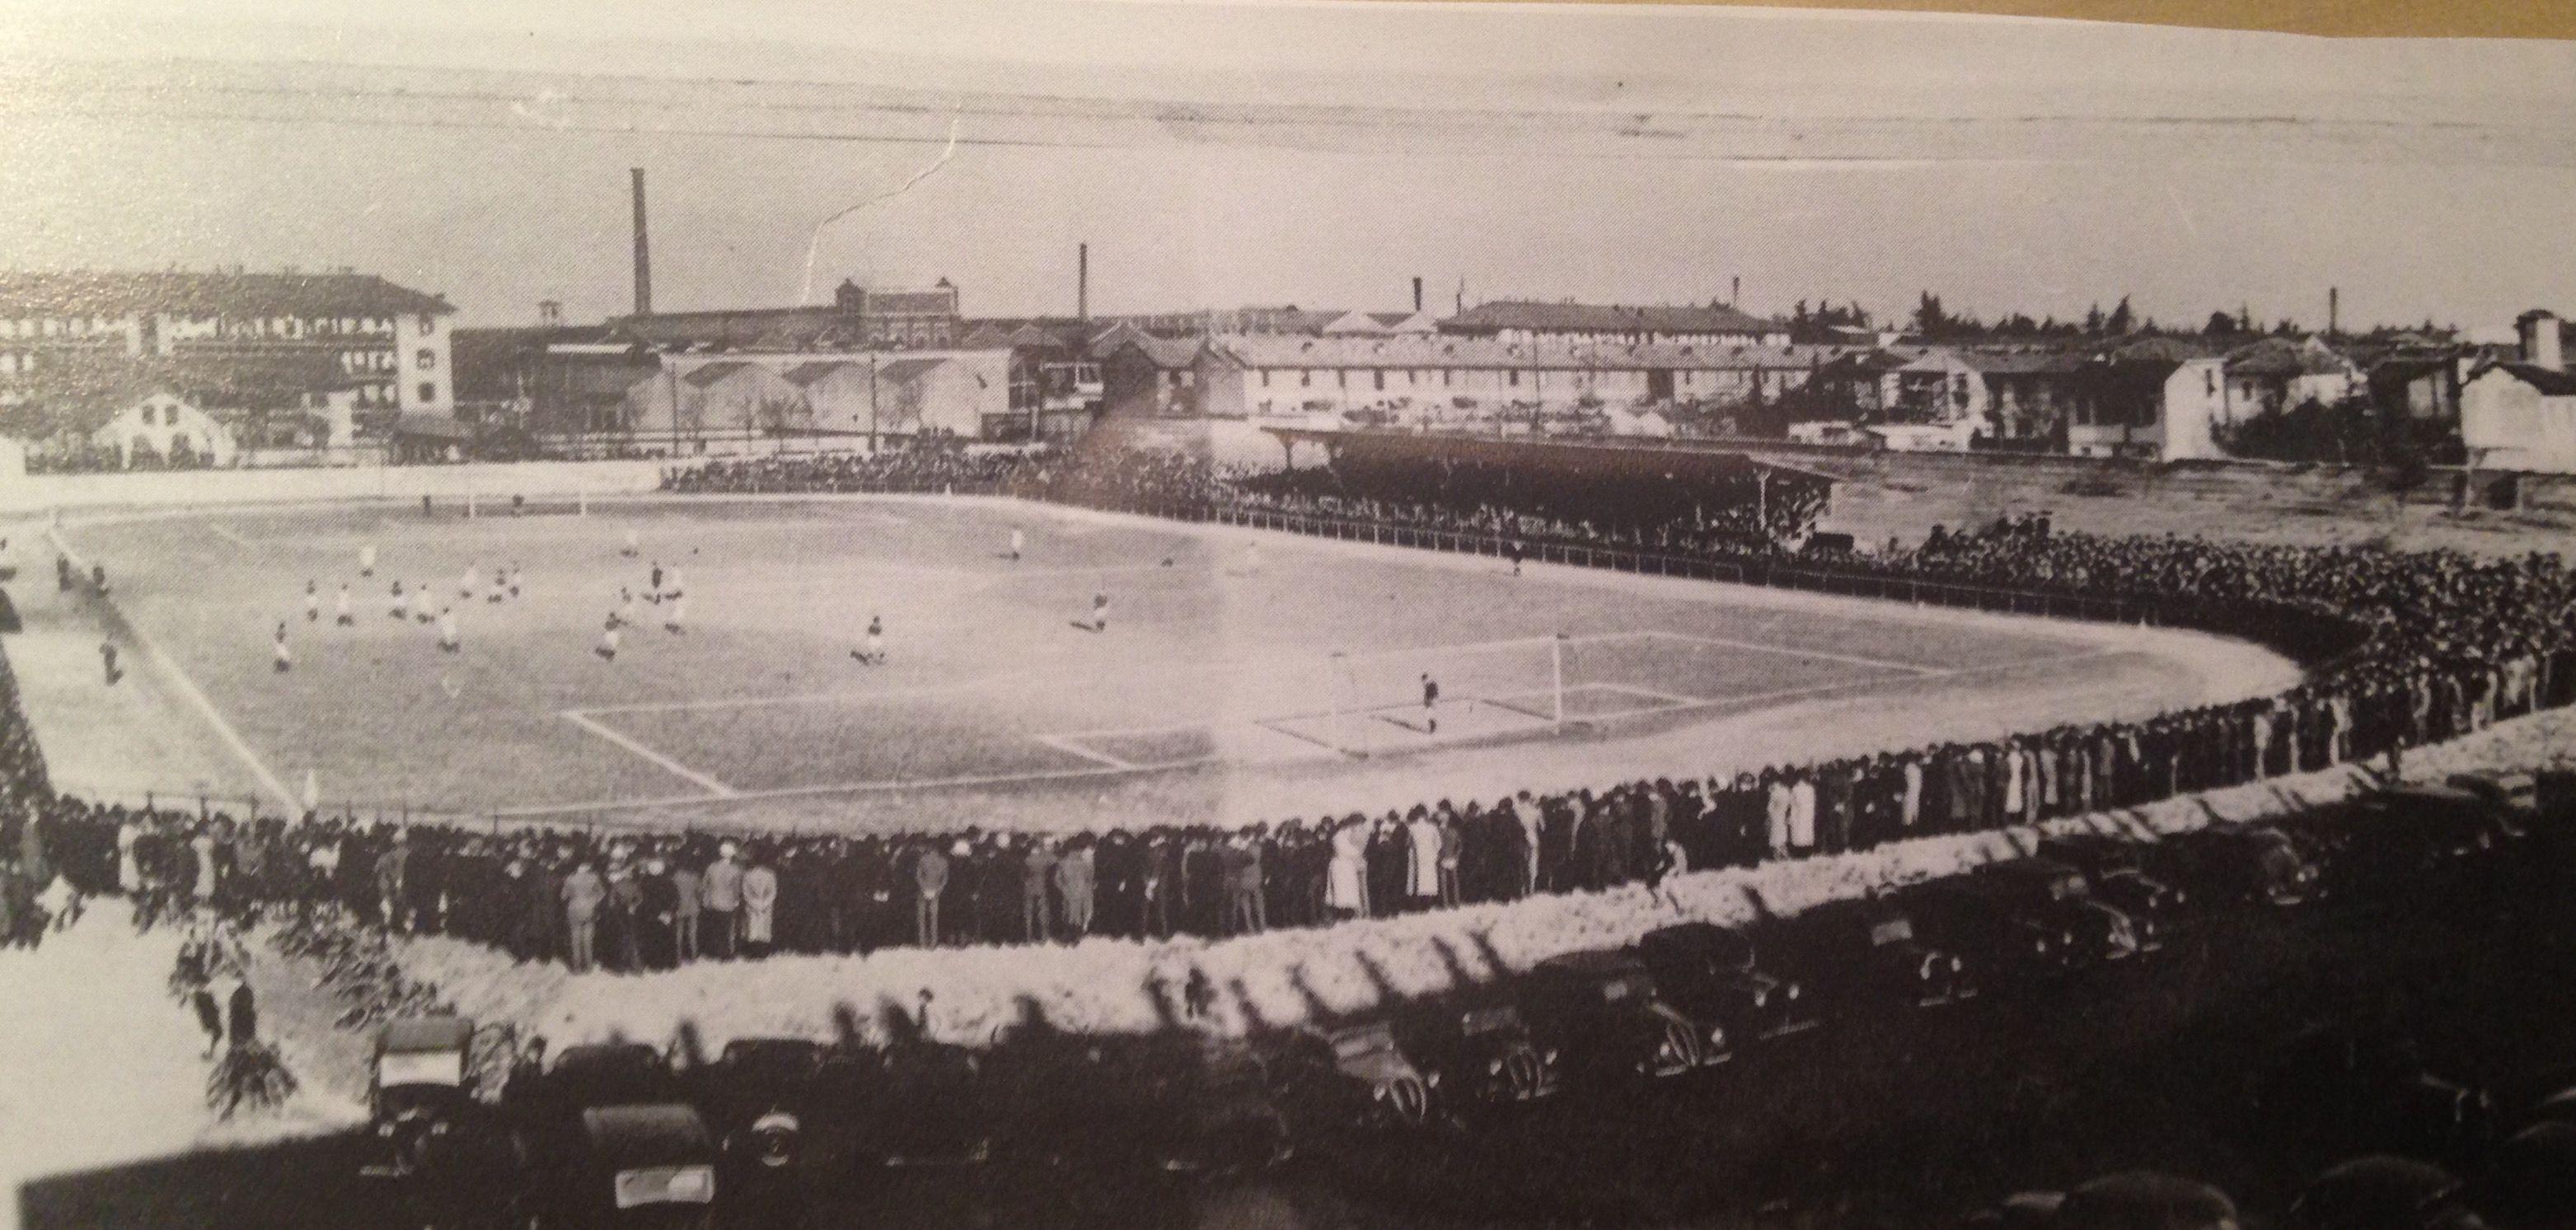 Legnano, Stadio G. Mari, 1930